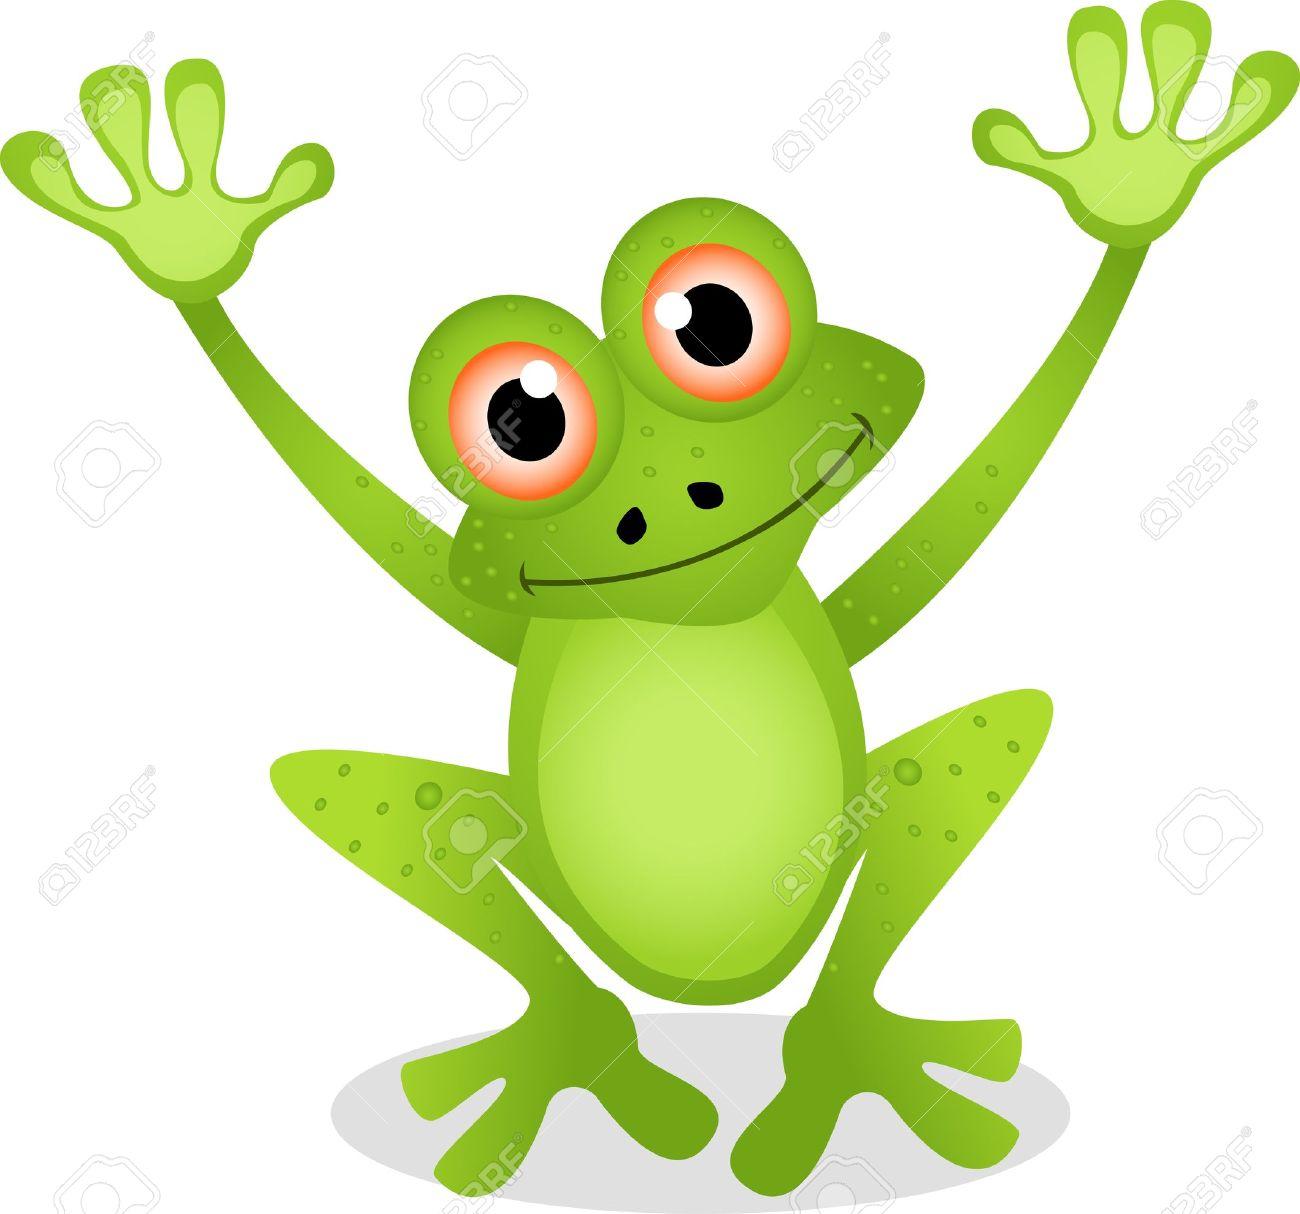 Color cartoon photos of frogs - Frog Funny Frog Cartoon